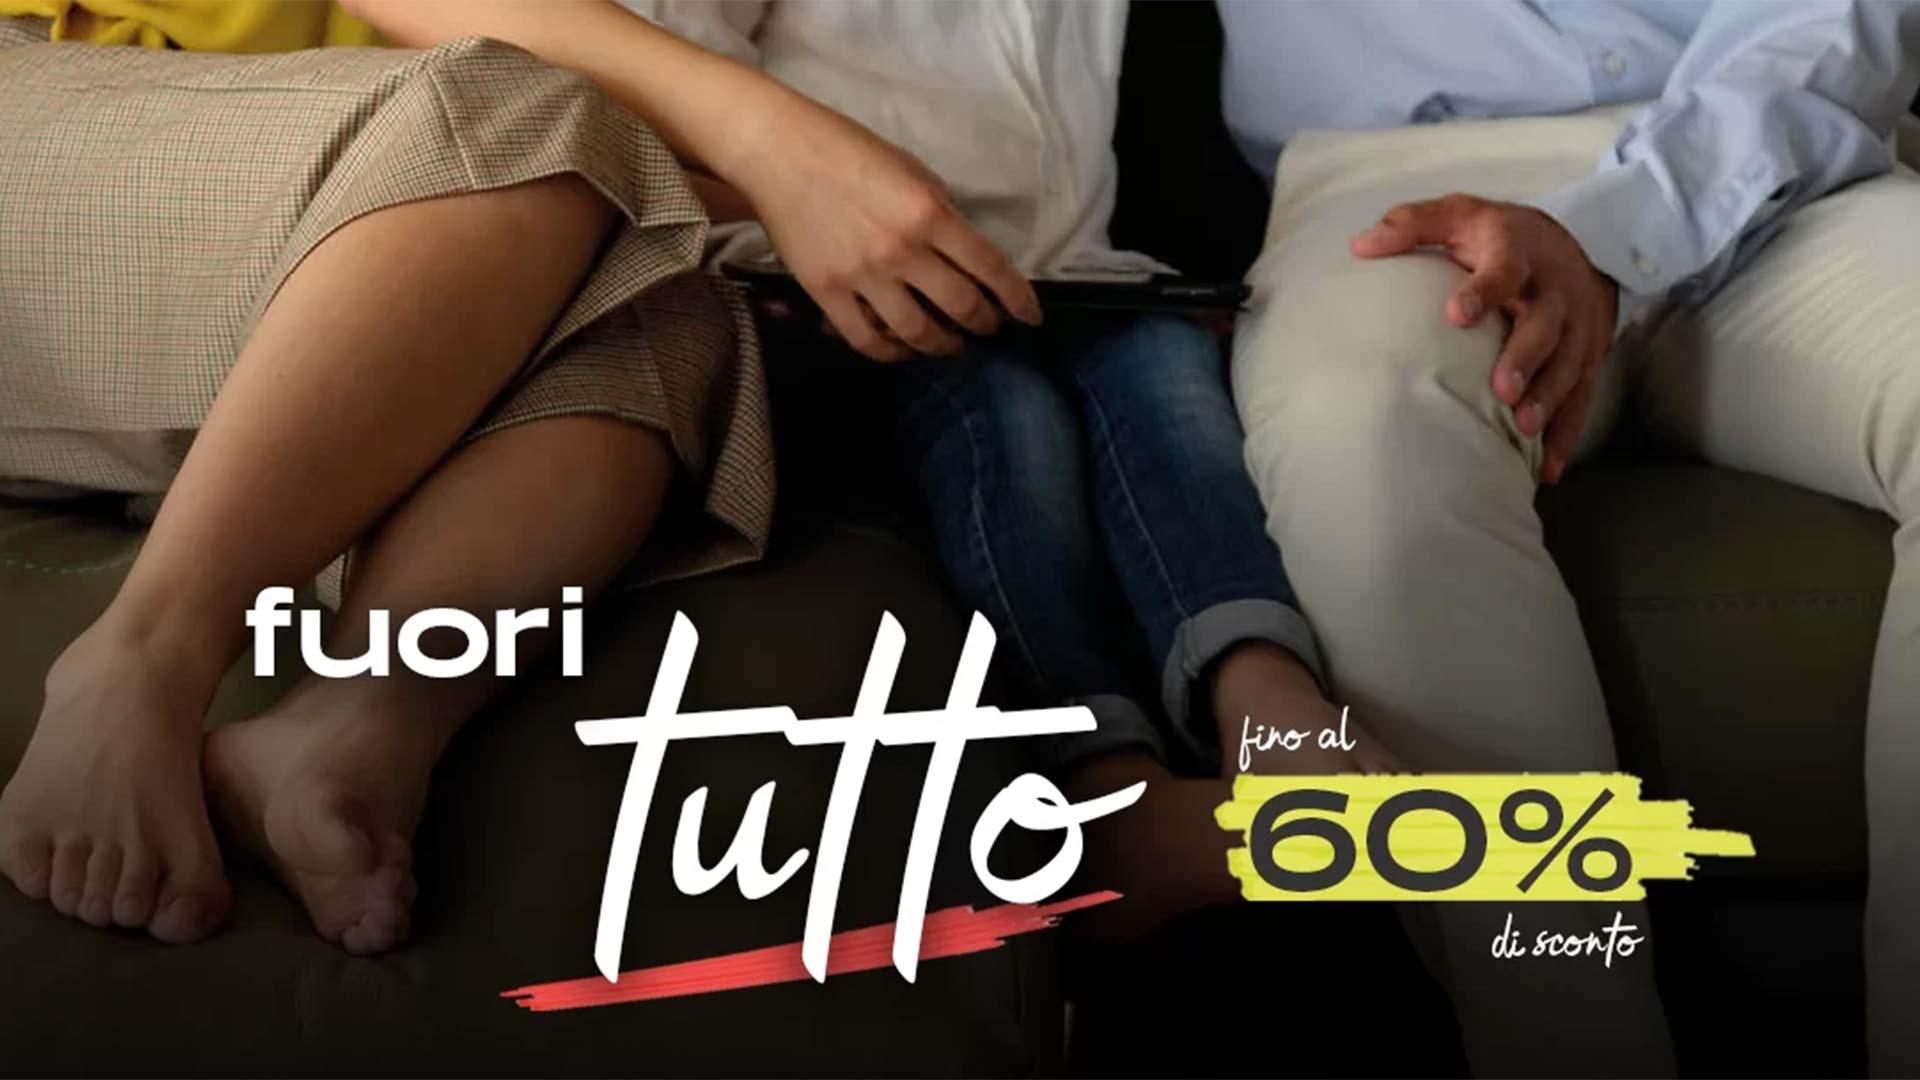 You are currently viewing Fuori Tutto! 60% di sconto sui prodotti selezionati